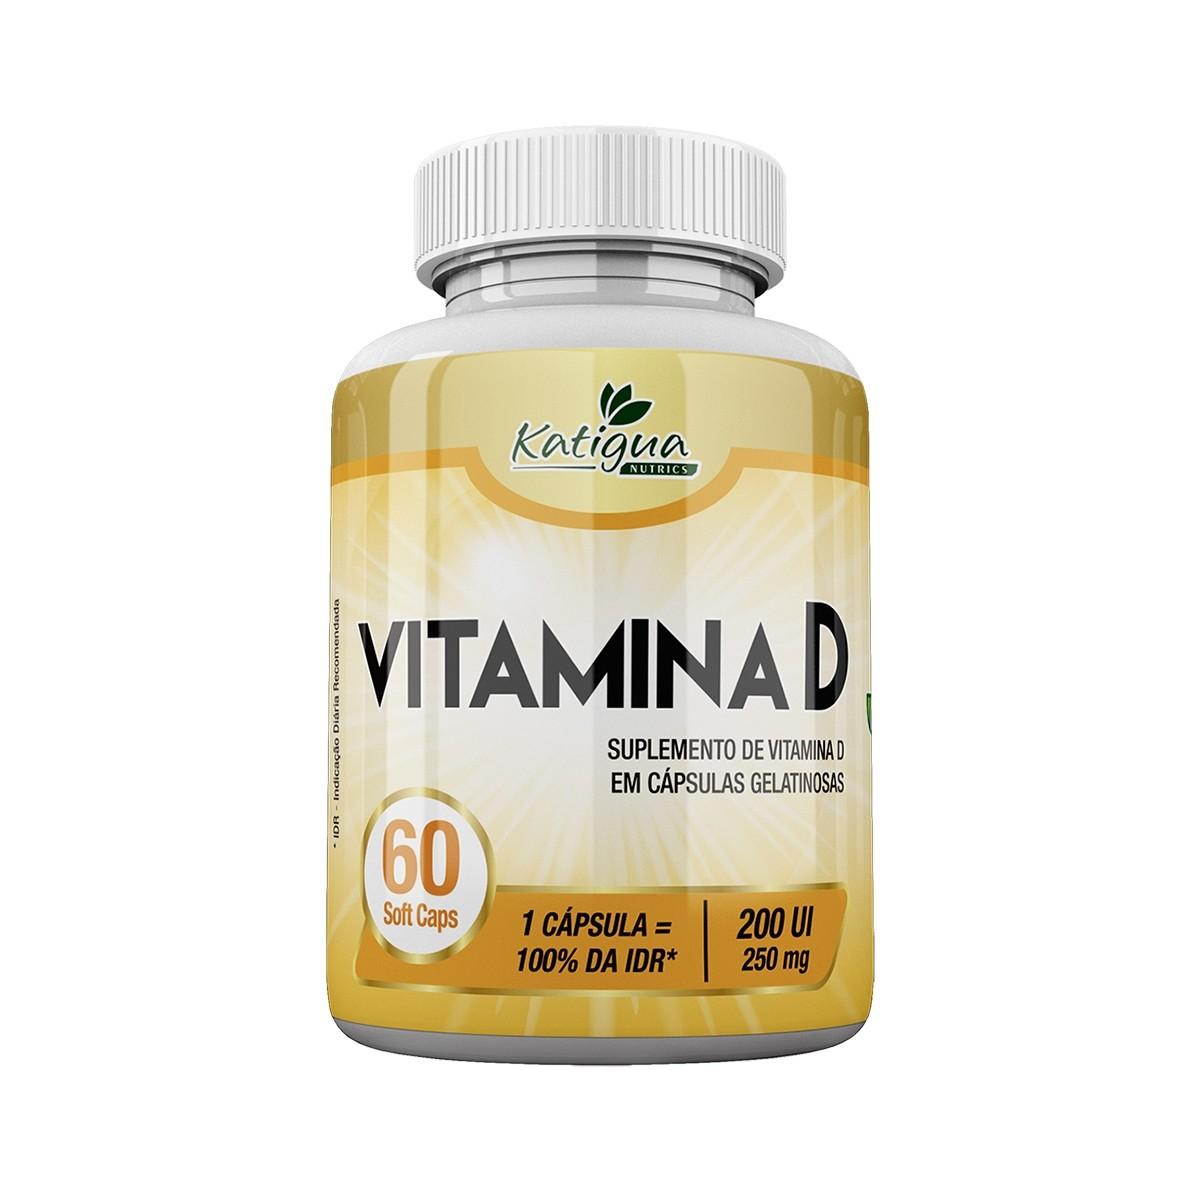 Vitamina D 250mg 60 Cápsulas - Katiguá